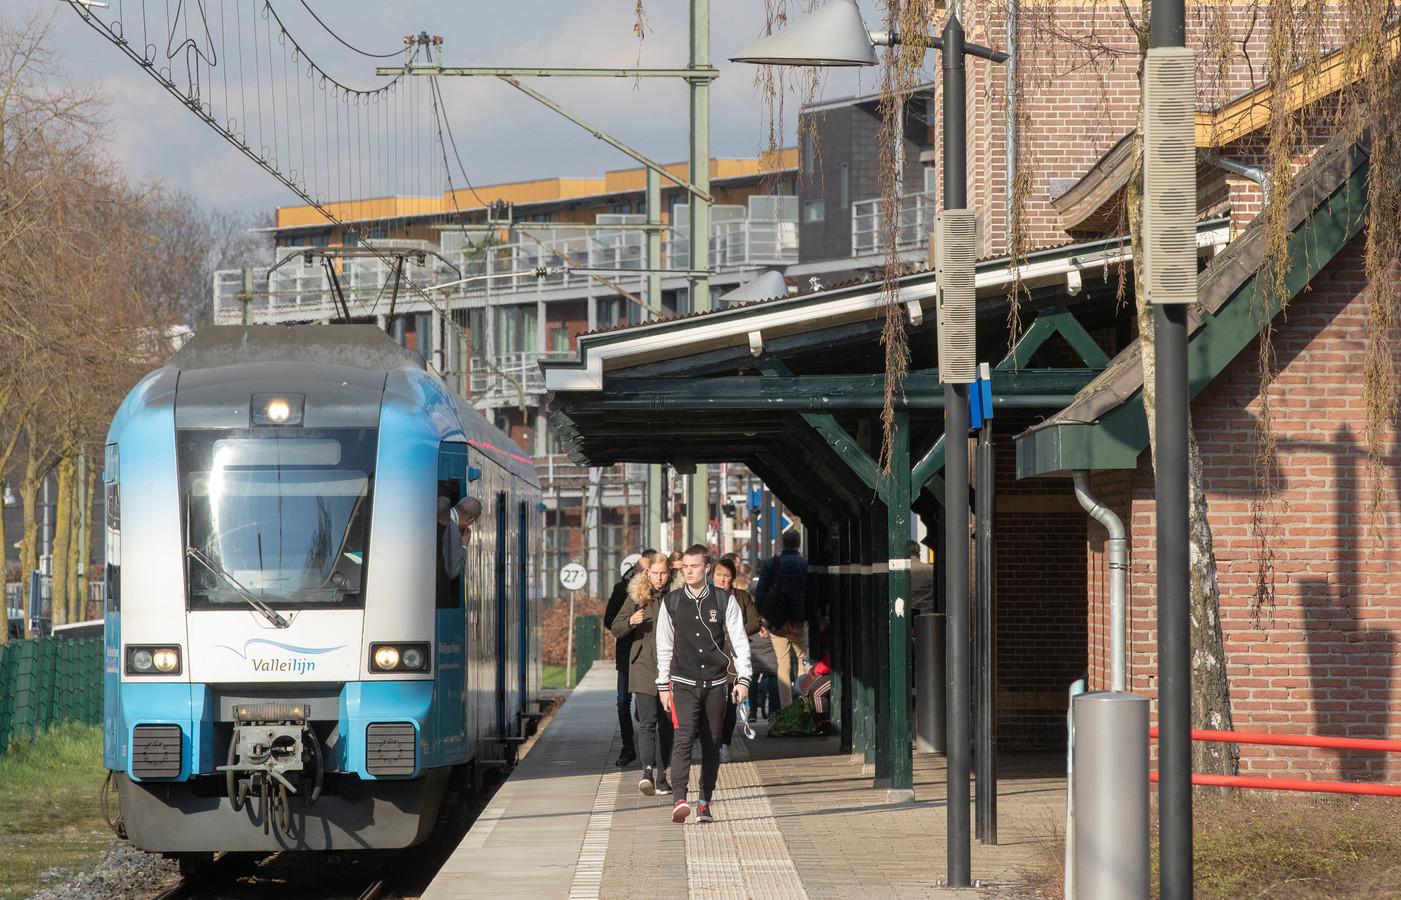 De Valleilijn bij station Ede-Centrum.